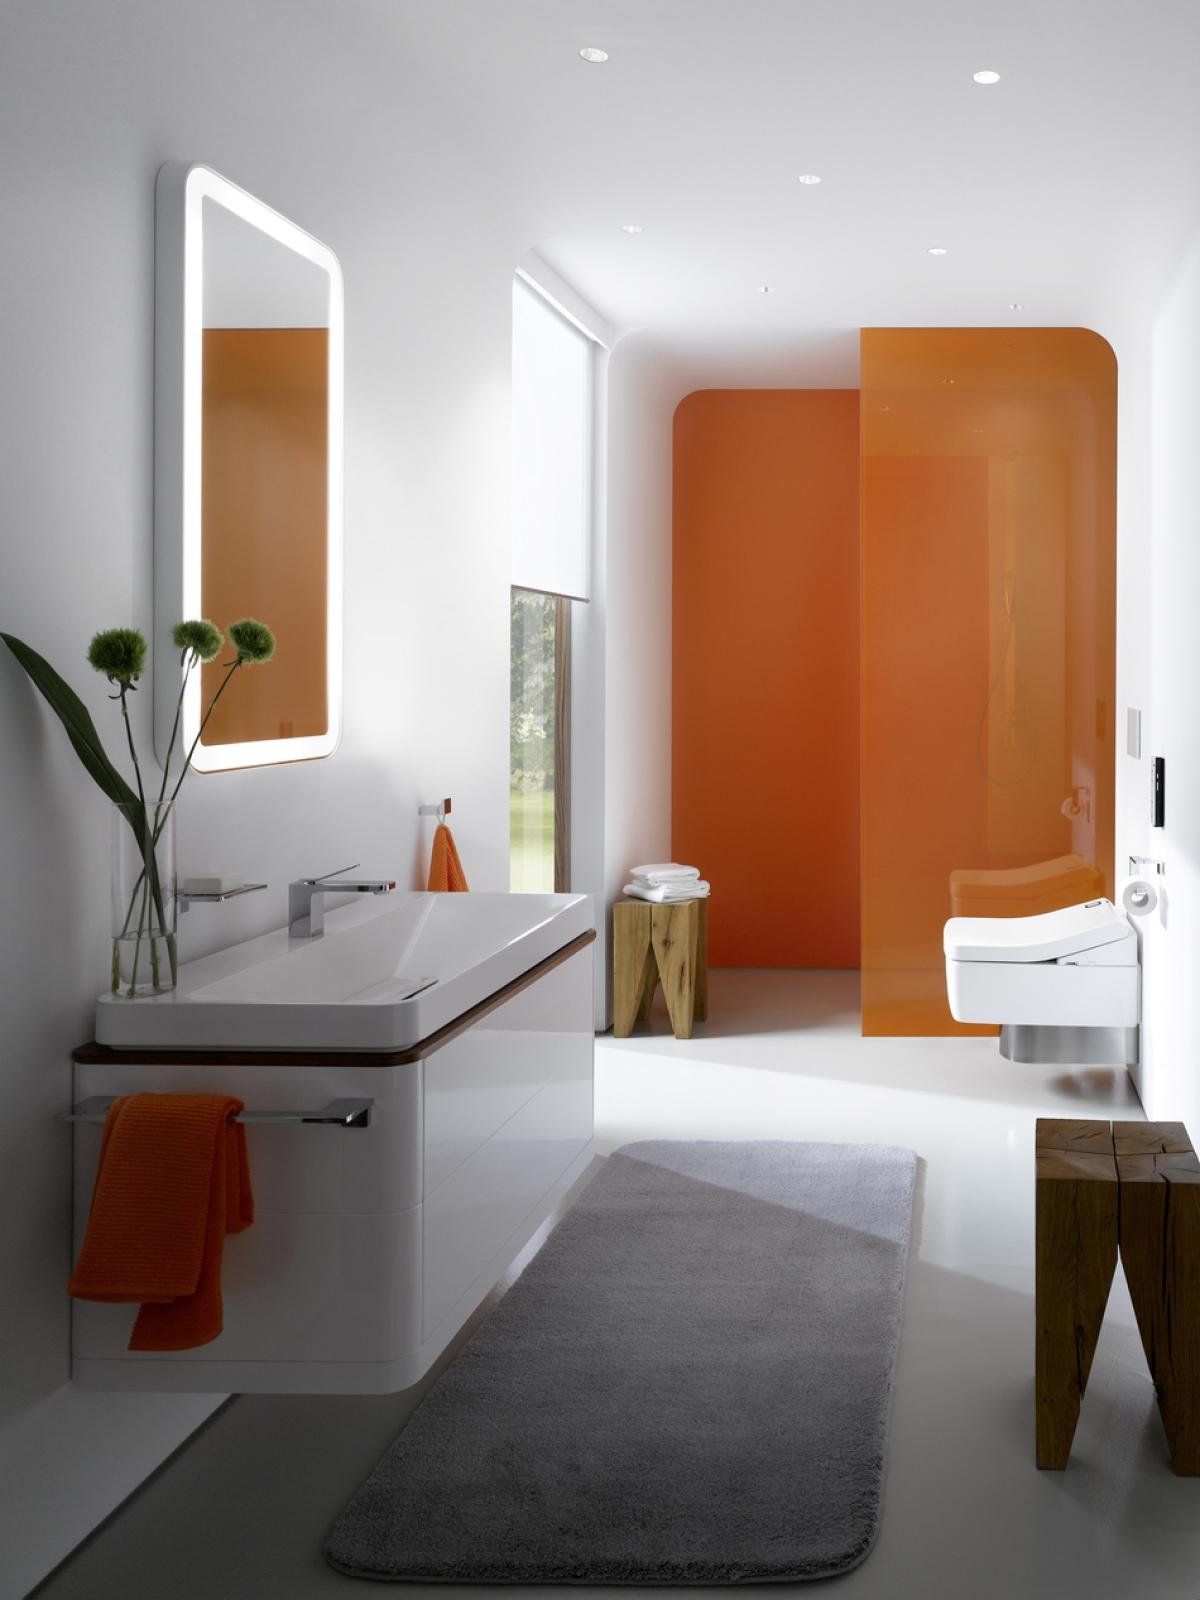 wc japonais design cheap lunette wc design avec wc japonais abattant controle lateral uspa jpg. Black Bedroom Furniture Sets. Home Design Ideas